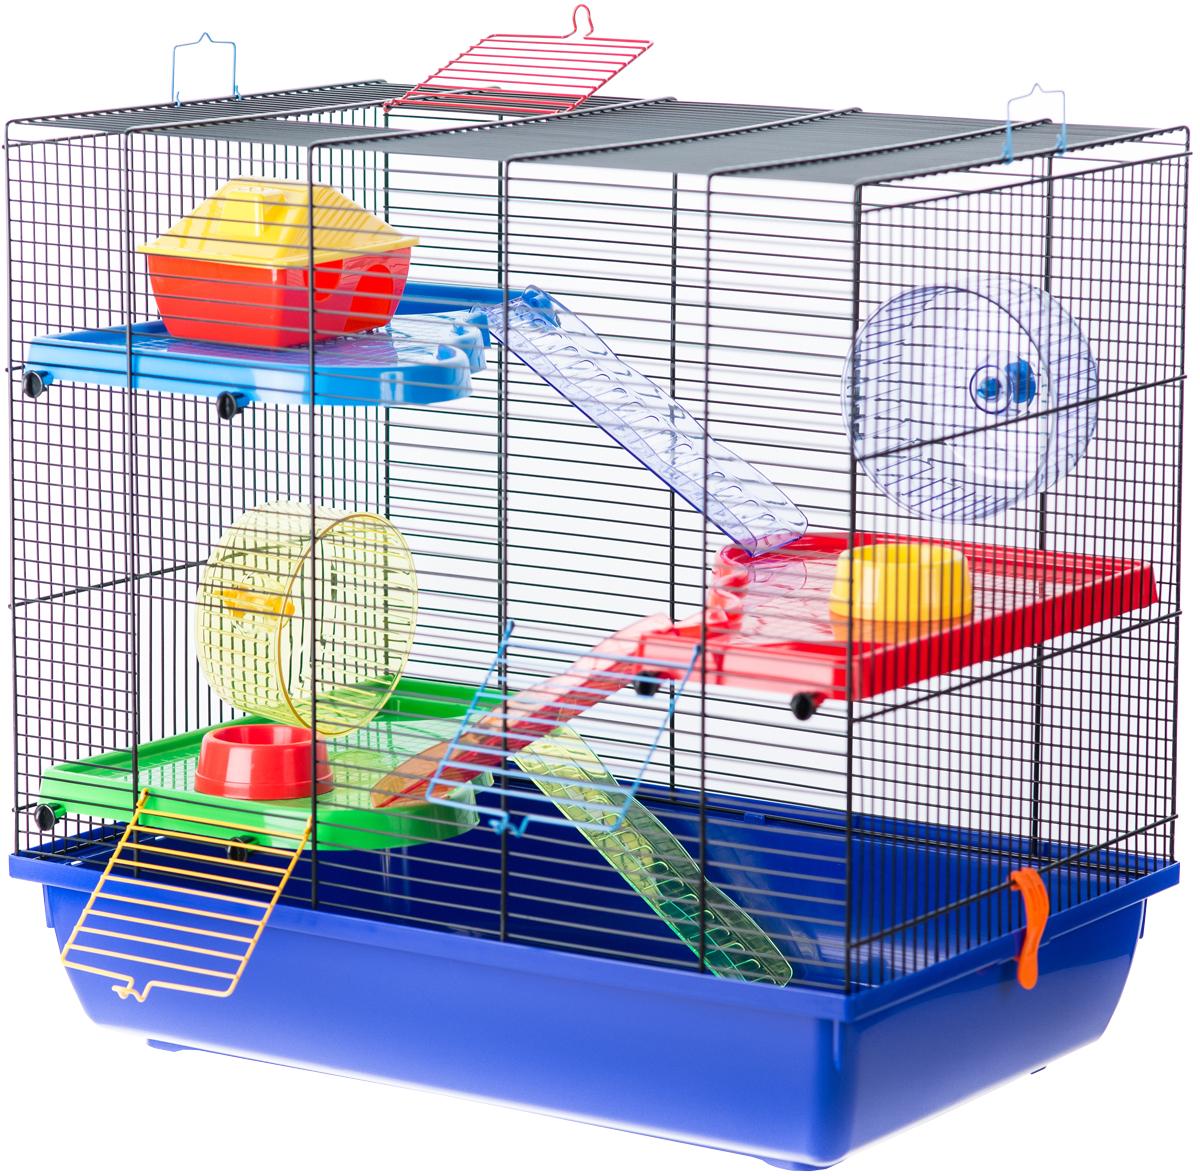 Клетка для грызунов Inter-Zoo G085 Teddy Gigant Ii с пластиковыми цветными аксессуарами 58 х 38 х 55 см (1 шт) фото